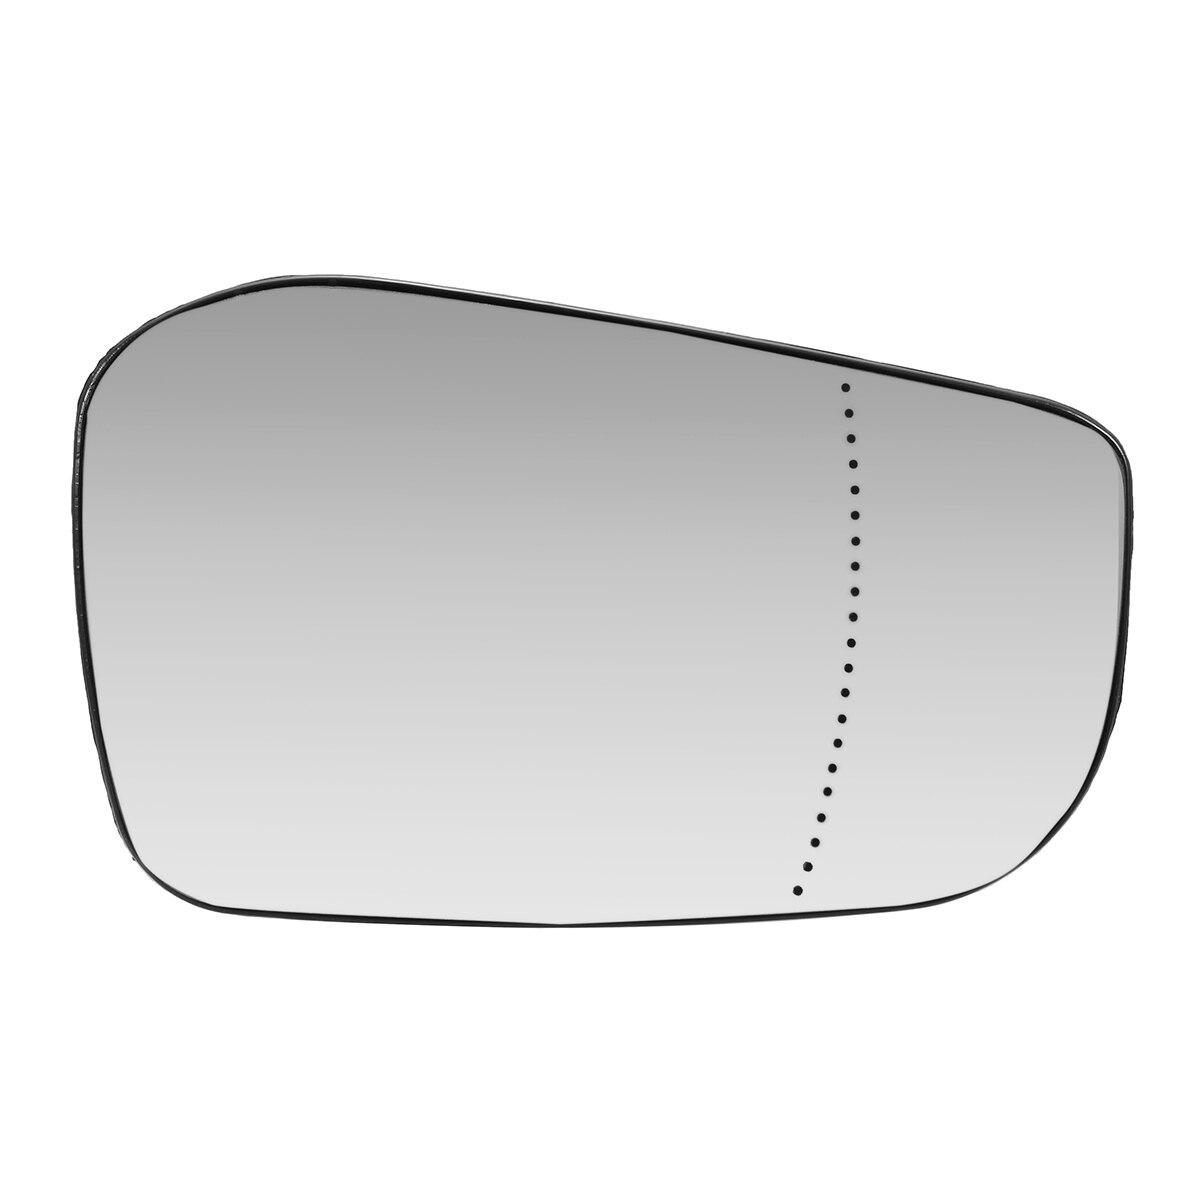 Espejo de sustitución de vidrio izquierda//derecha convexo para Mercedes